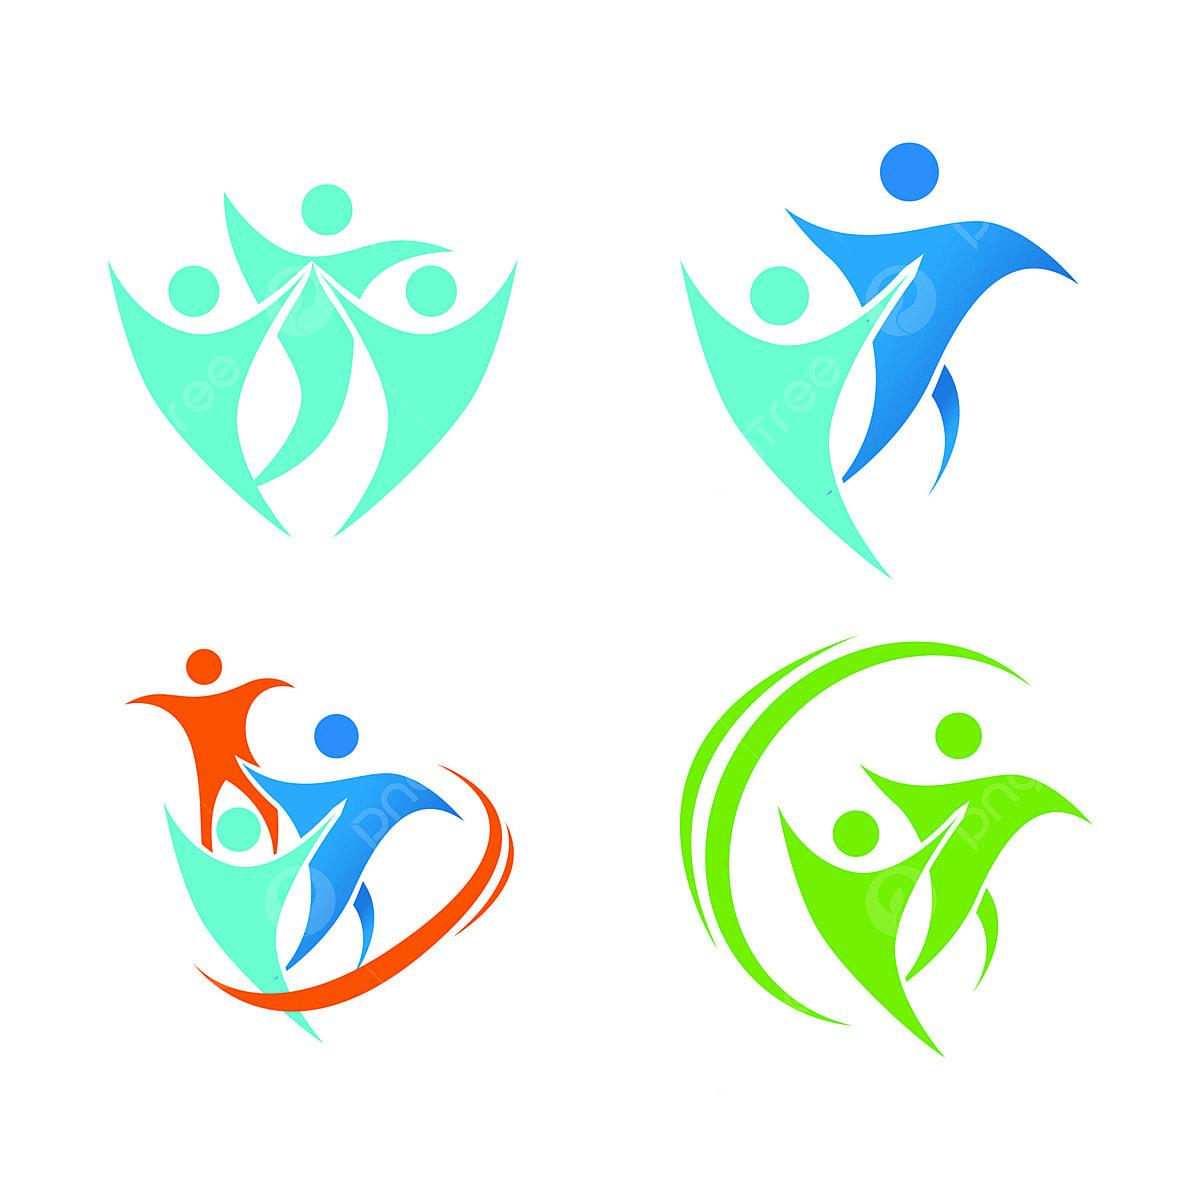 6a59148ad8d6 здоровье людей прав компании векторного логотипа творческих шаблон ...